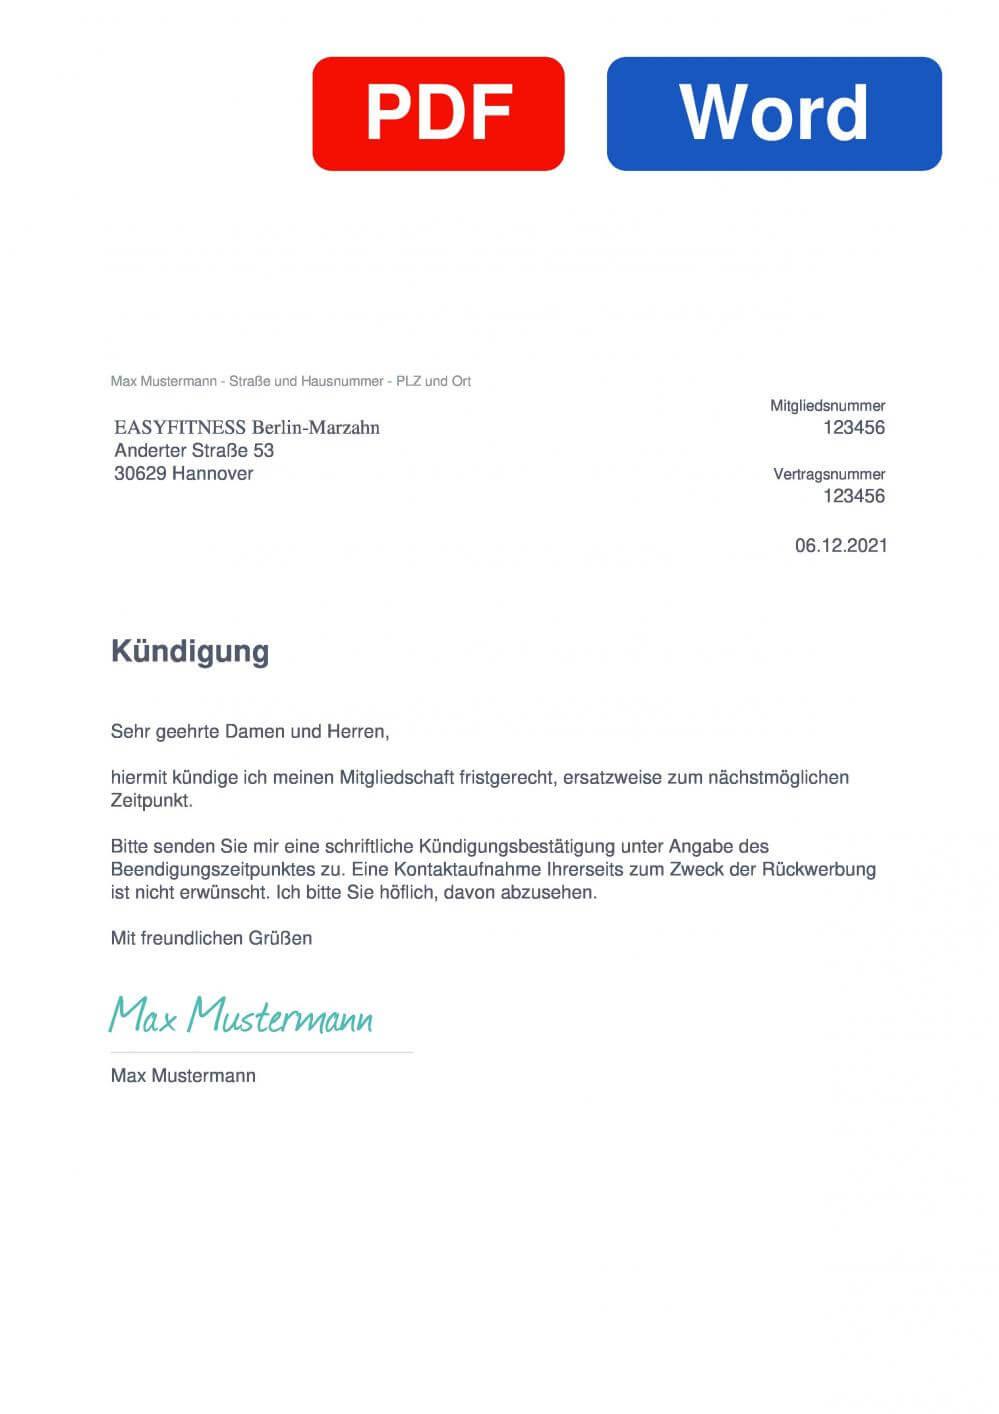 EASYFITNESS Berlin-Marzahn Muster Vorlage für Kündigungsschreiben